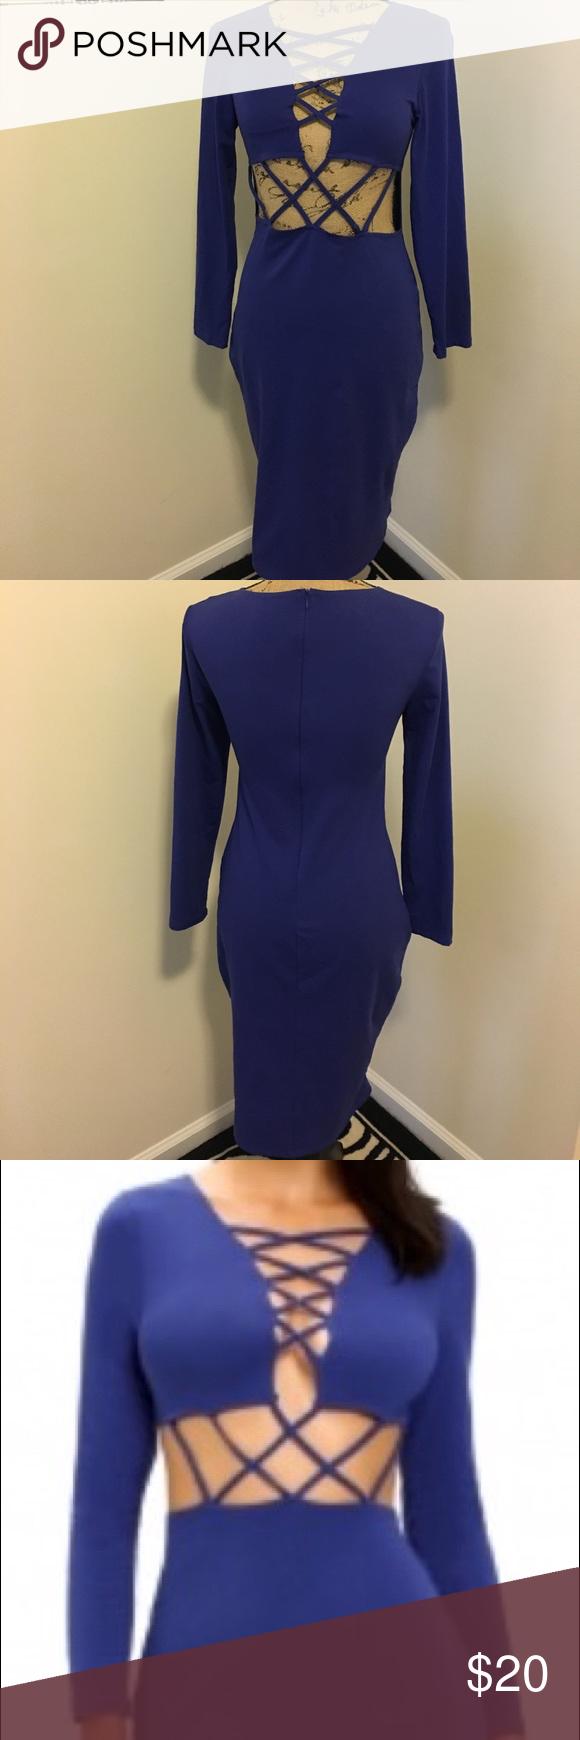 Nwot royal crisscross dress royal blue crisscross cut out dress